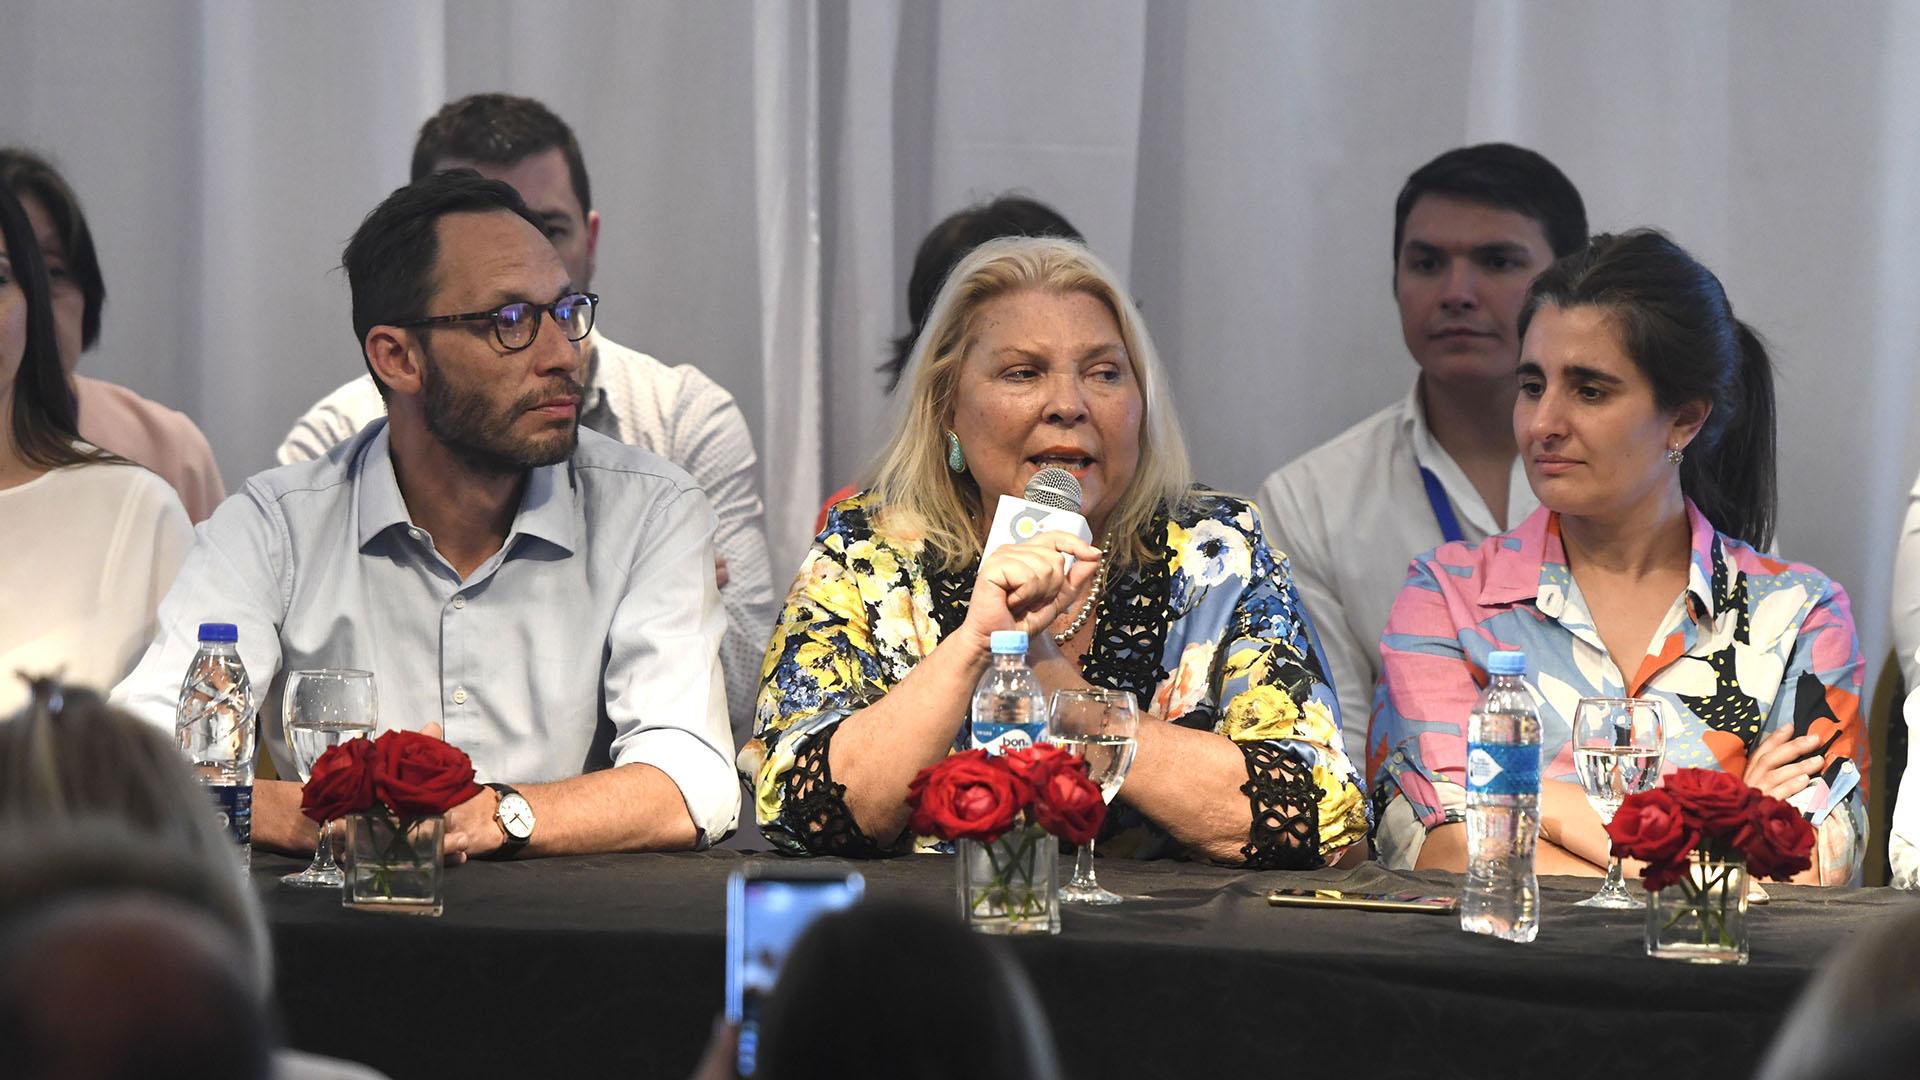 Elisa Carrió en el congreso federal del año pasado, junto a Maximiliano Ferraro y Maricel Etchecoin